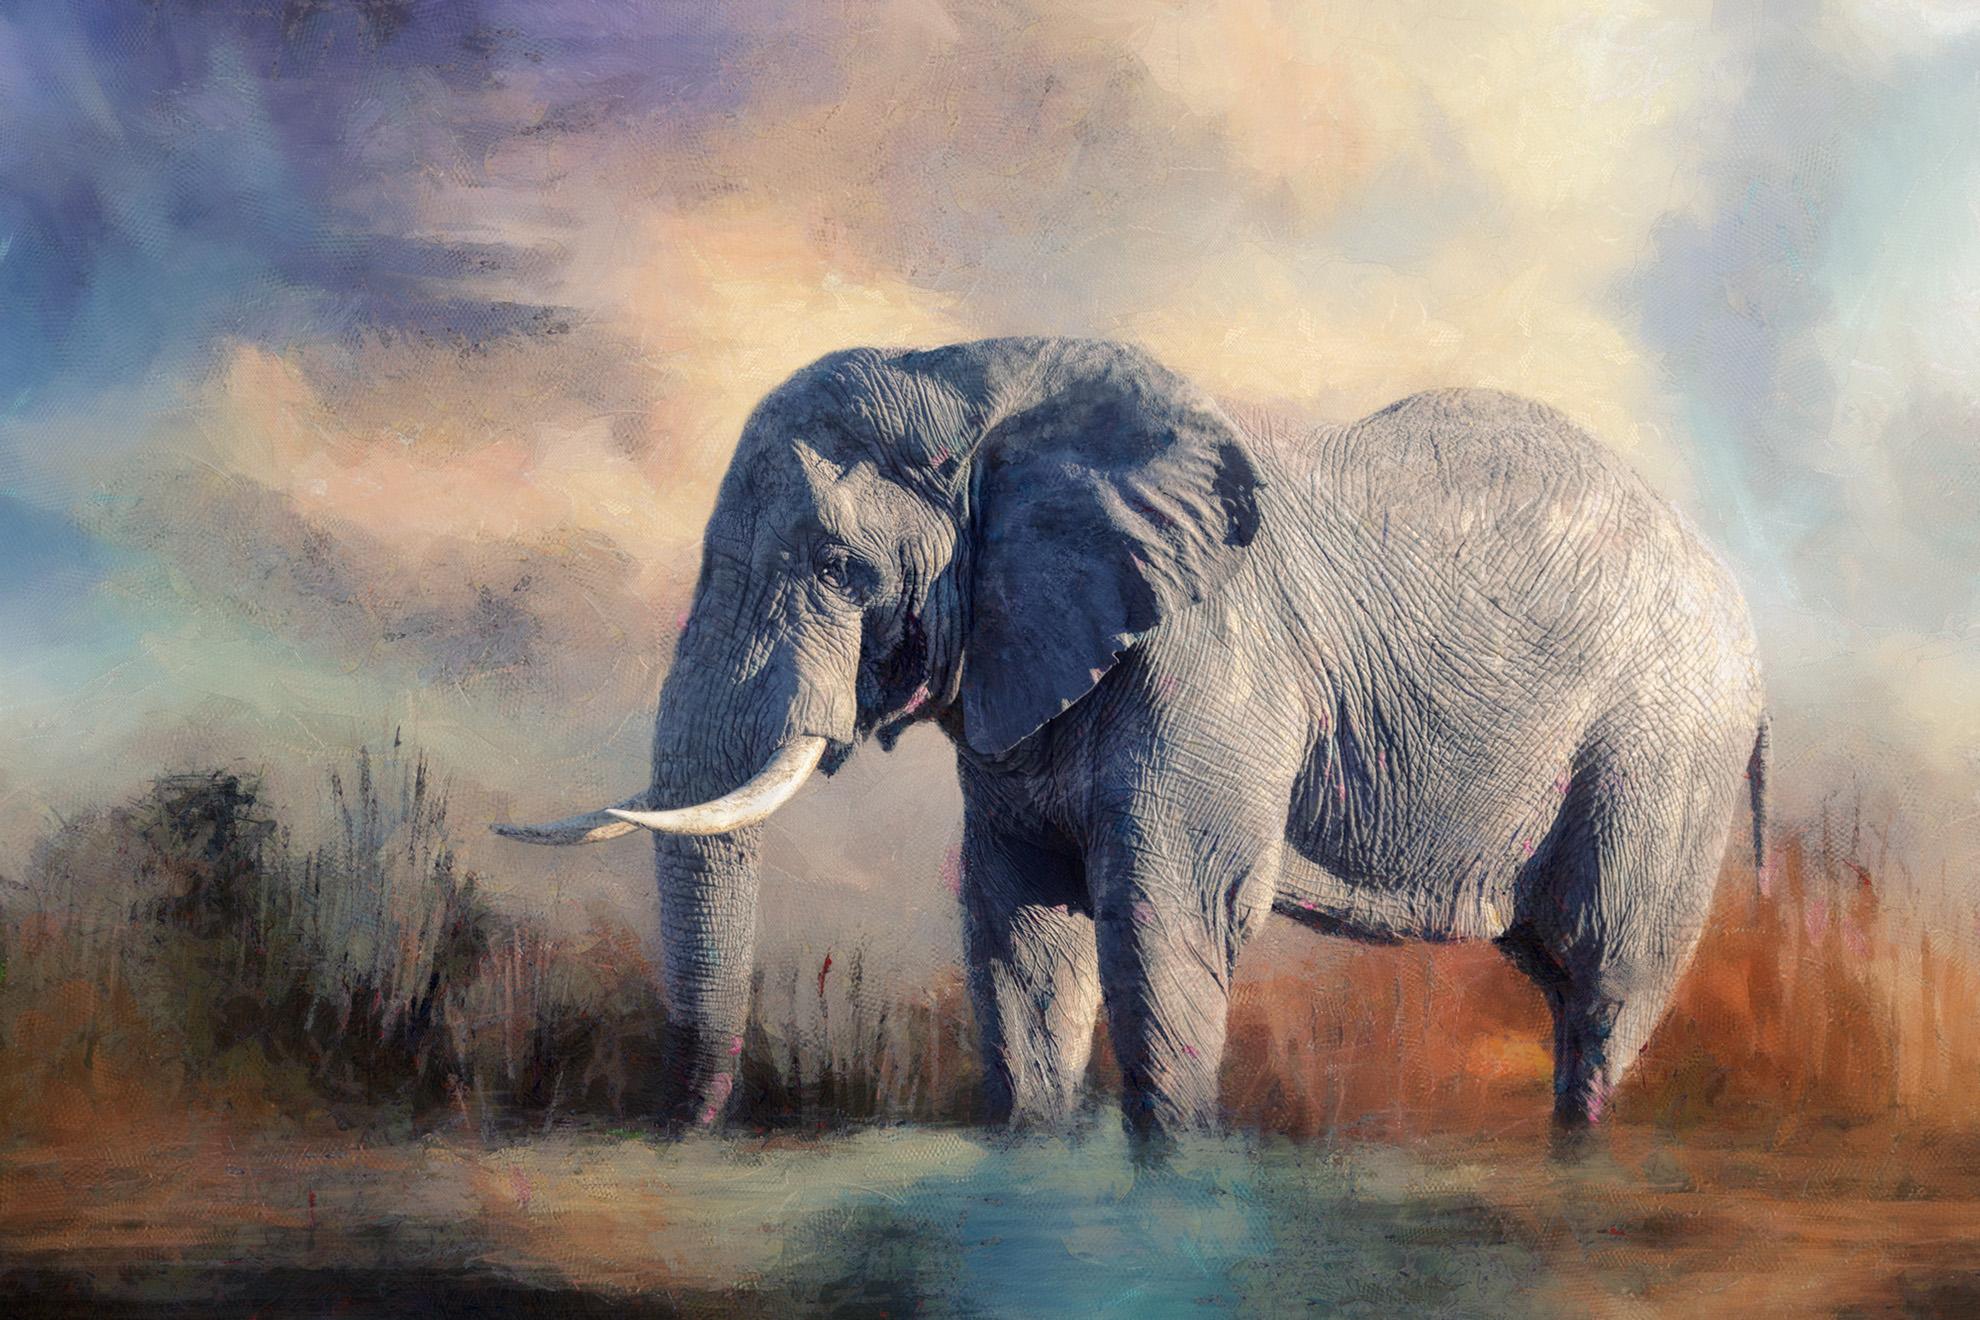 ELEPHANT....MAJESTIC ANIMAL.